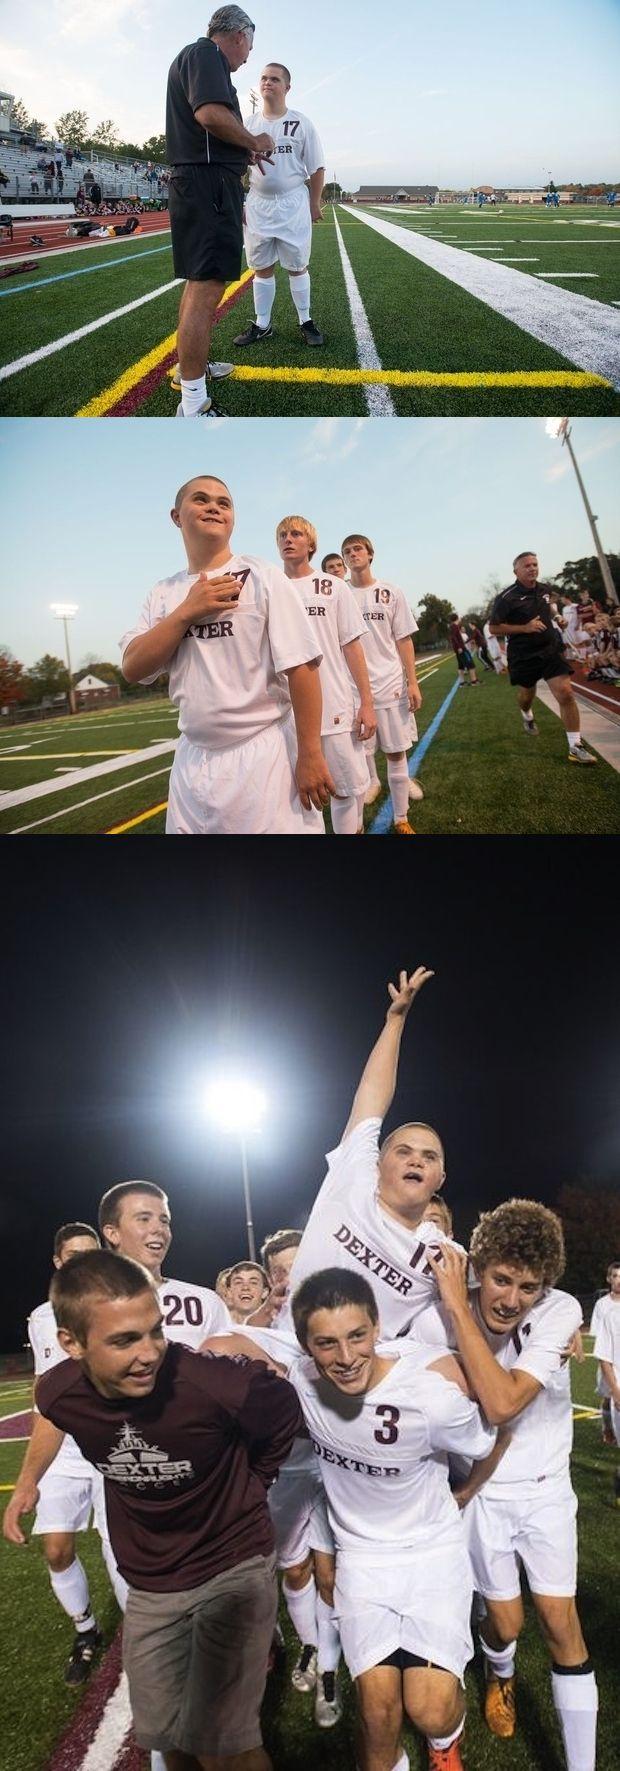 Um time de futebol de Michigan dando ao seu chefe de equipe com síndrome de Down uma oportunidade de começar a partida: